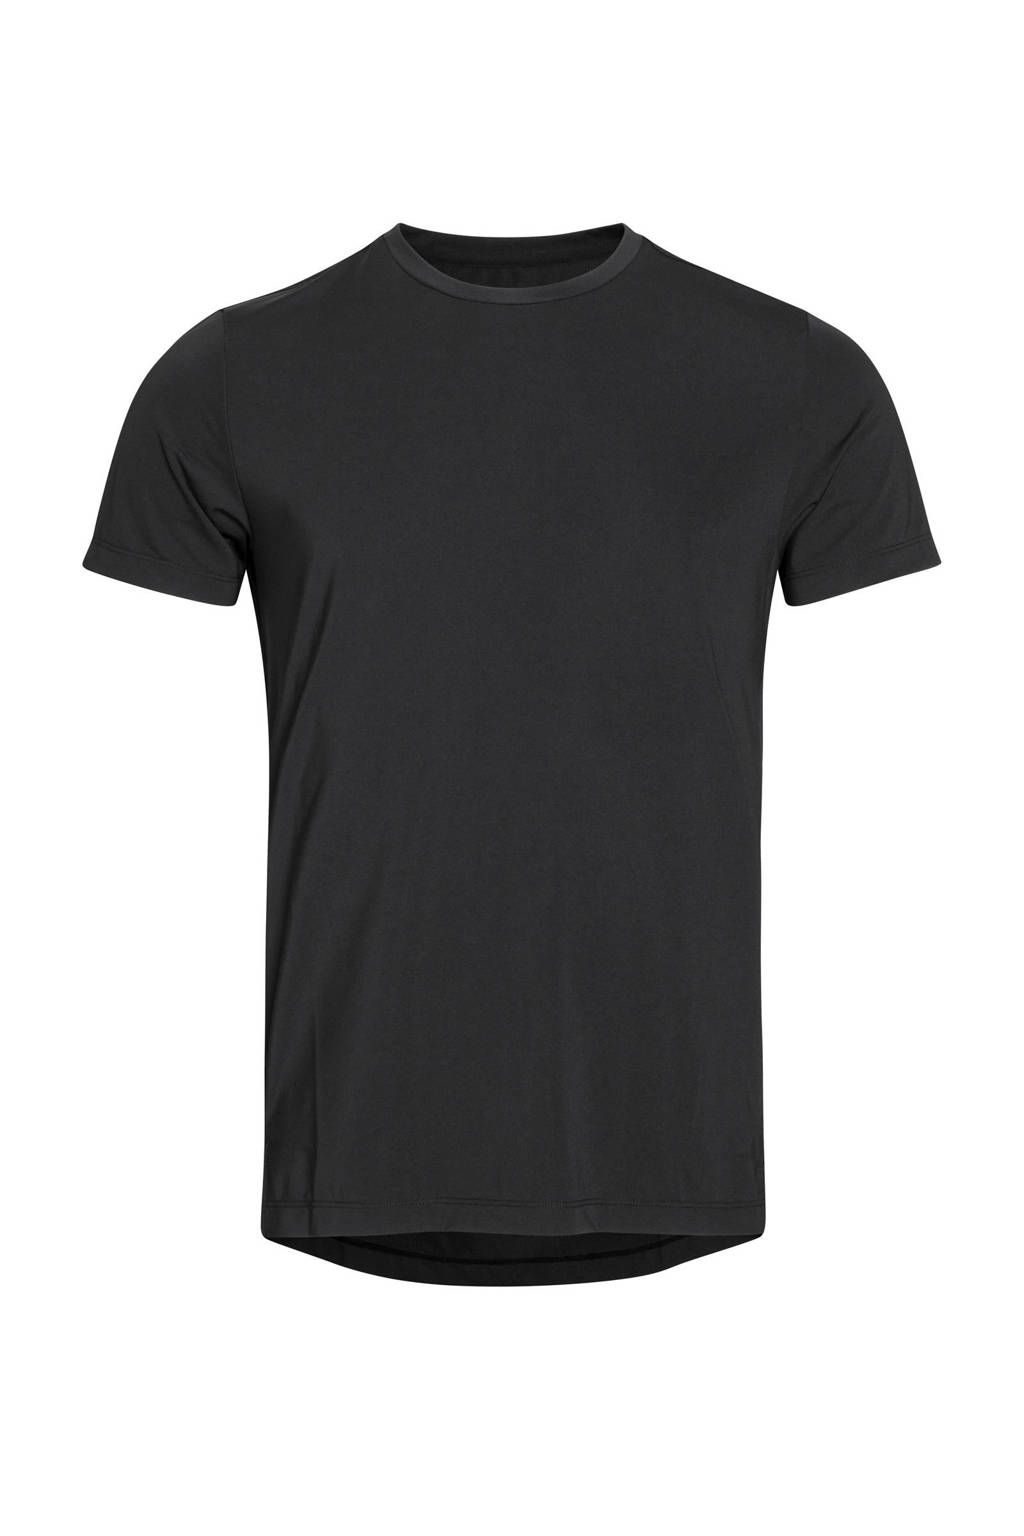 Björn Borg   sport T-shirt, Zwart/wit